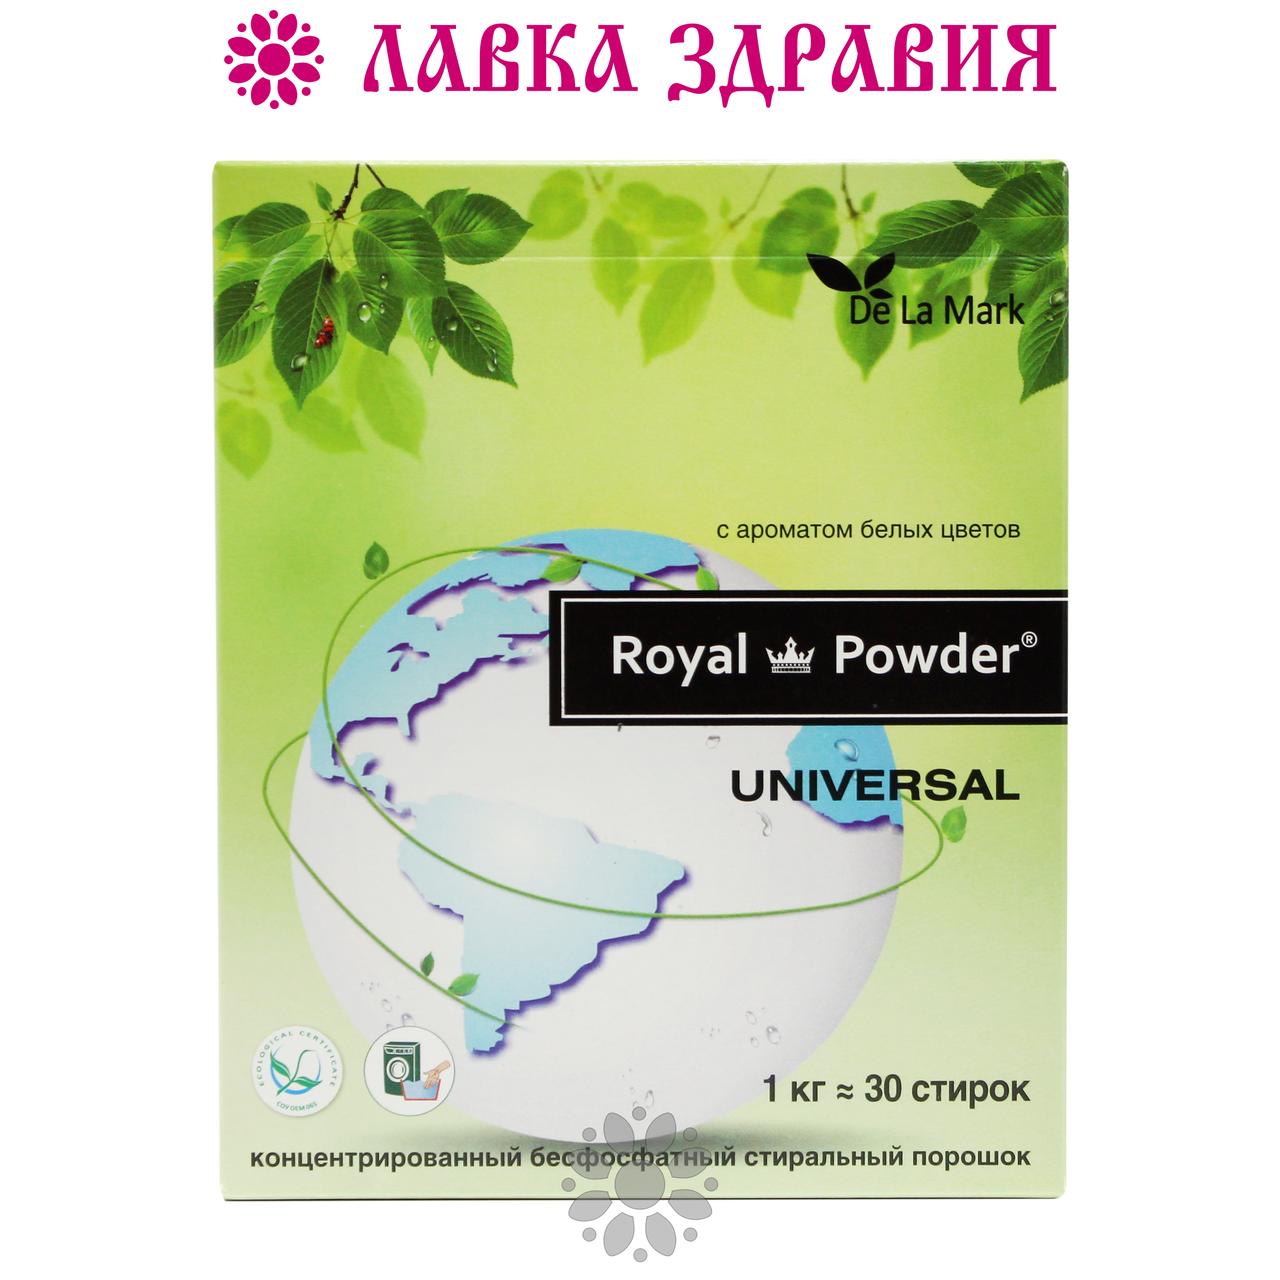 Концентрированный бесфосфатный стиральный порошок Royal Powder Universal с ароматом цветов, 1 кг